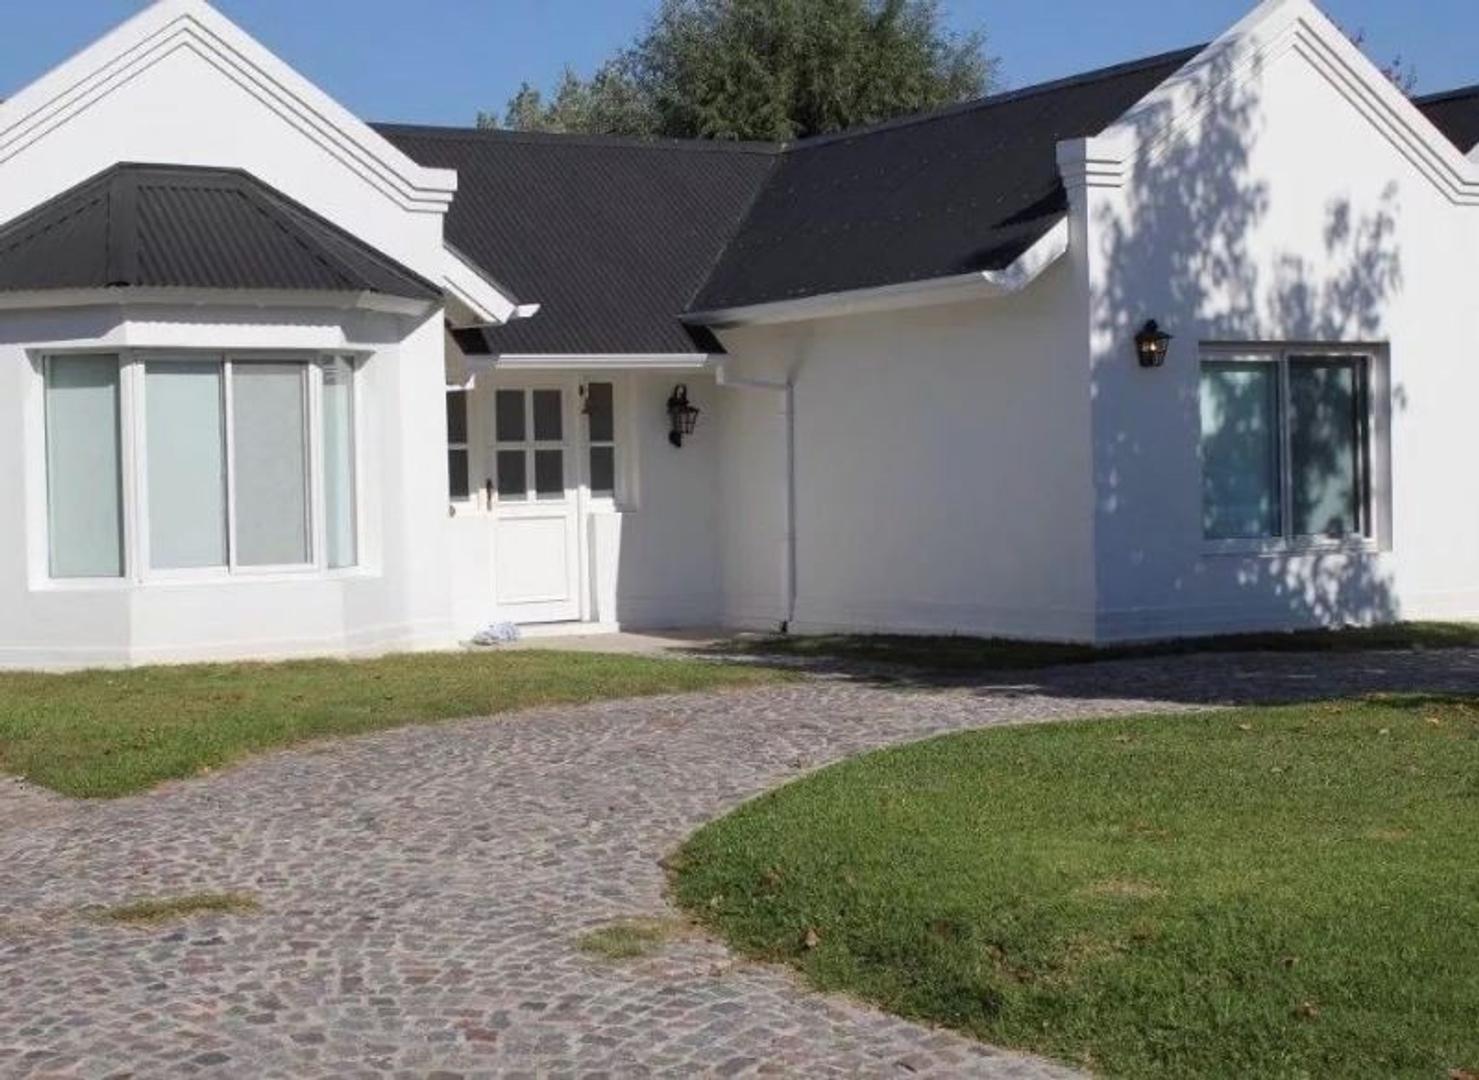 Excelente propiedad en venta en Barrio Campos de Echeverria - Canning!